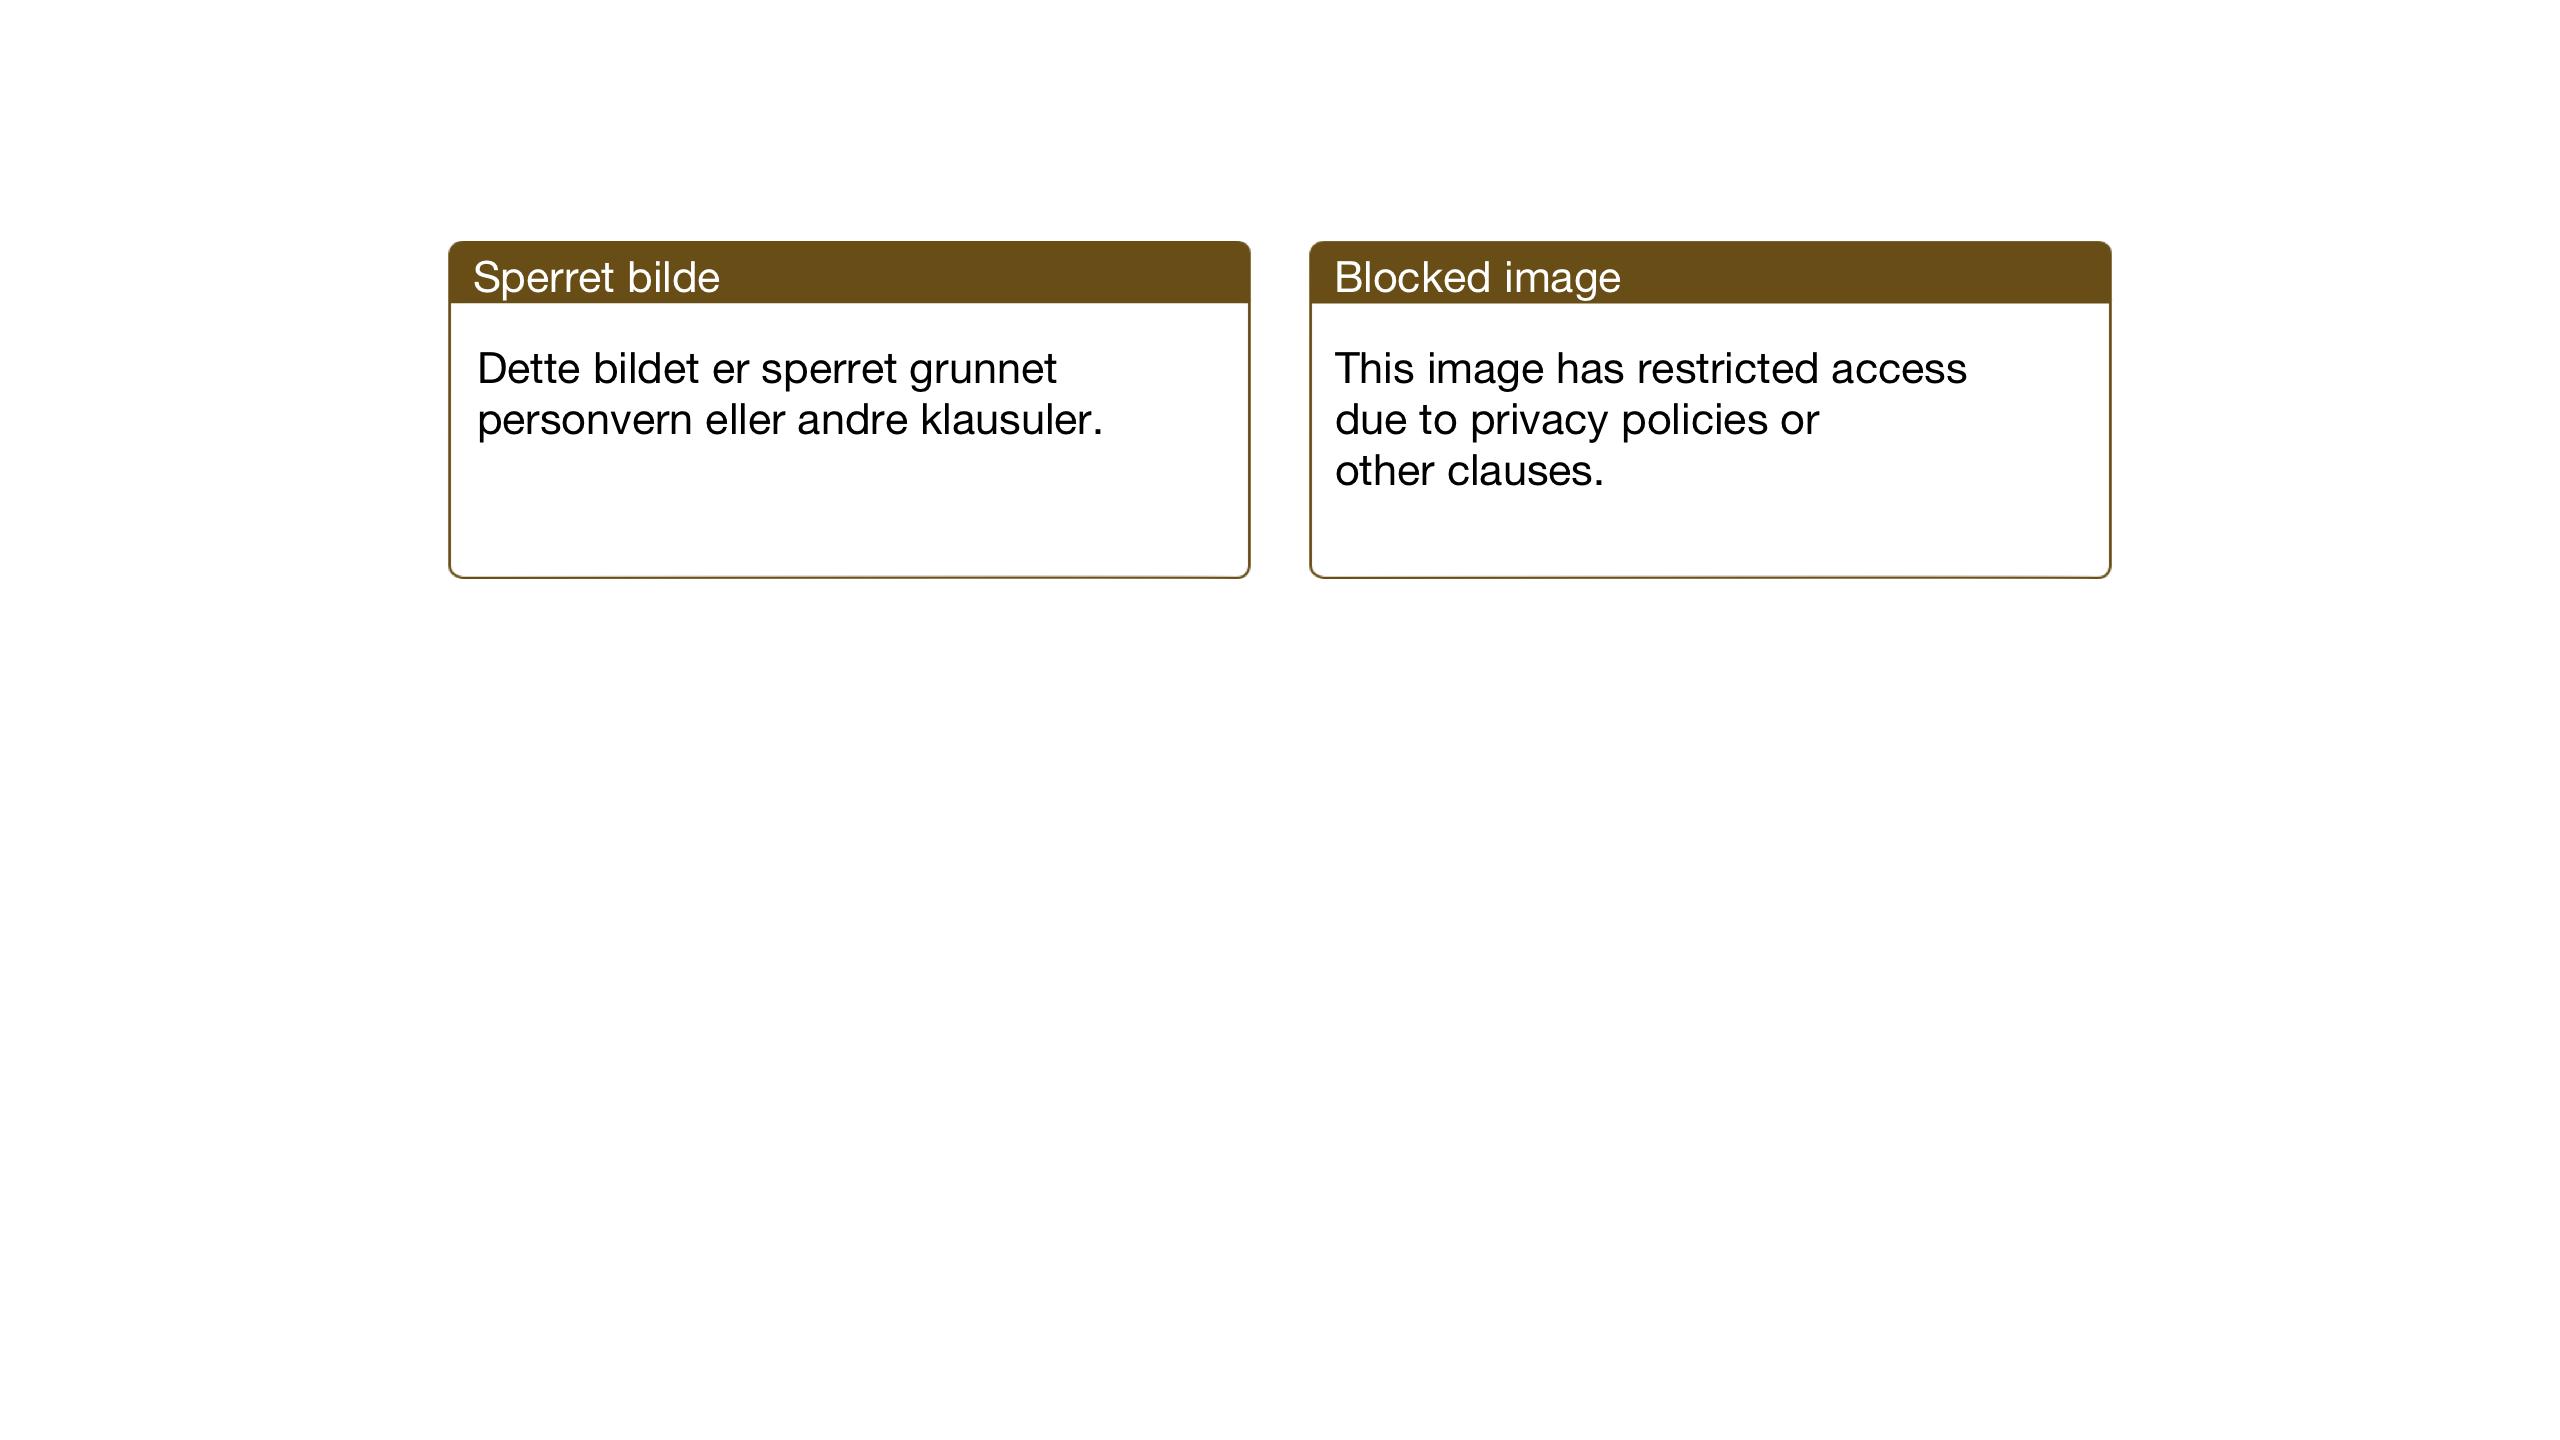 SAT, Ministerialprotokoller, klokkerbøker og fødselsregistre - Nord-Trøndelag, 755/L0500: Klokkerbok nr. 755C01, 1920-1962, s. 108